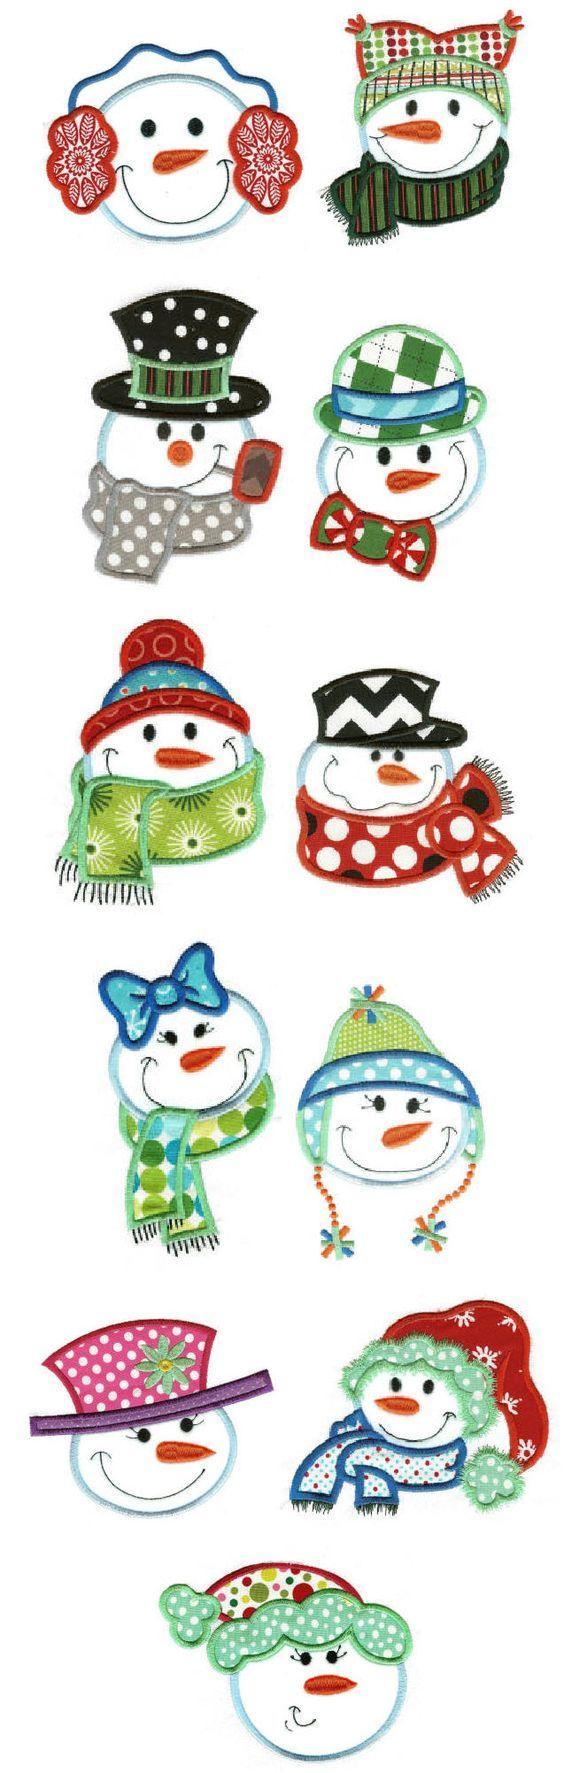 Snowman face ornament - 20 Idee Per Realizzare Dei Fantastici Decori Pupazzi Di Neve Snowman Facessnowmenapplique